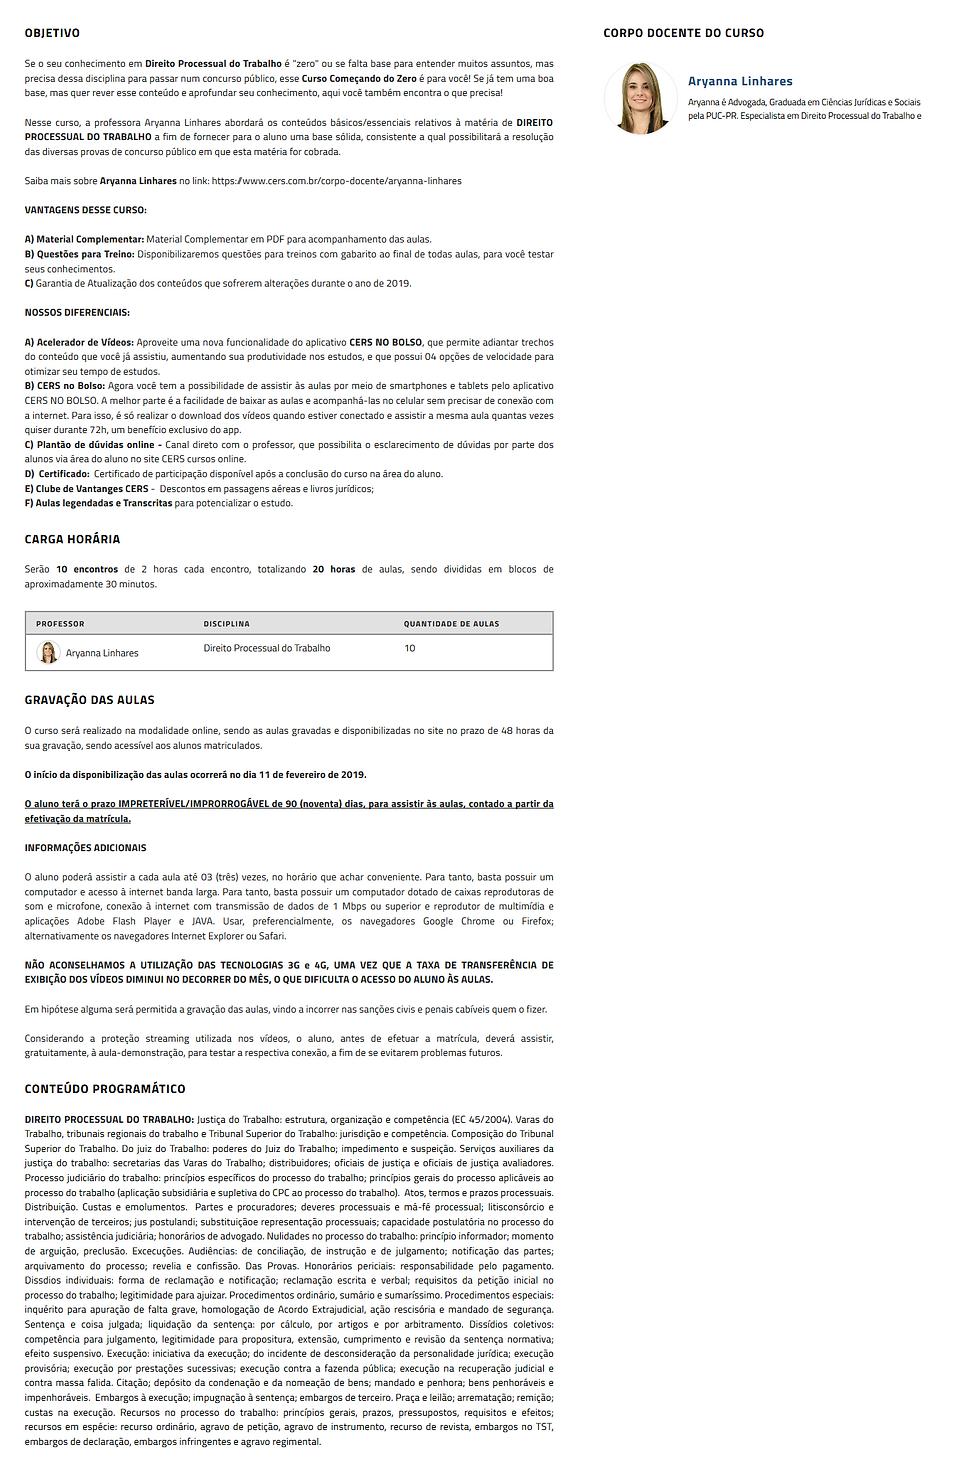 Direito Proceessual do Trabalho CS(11).p